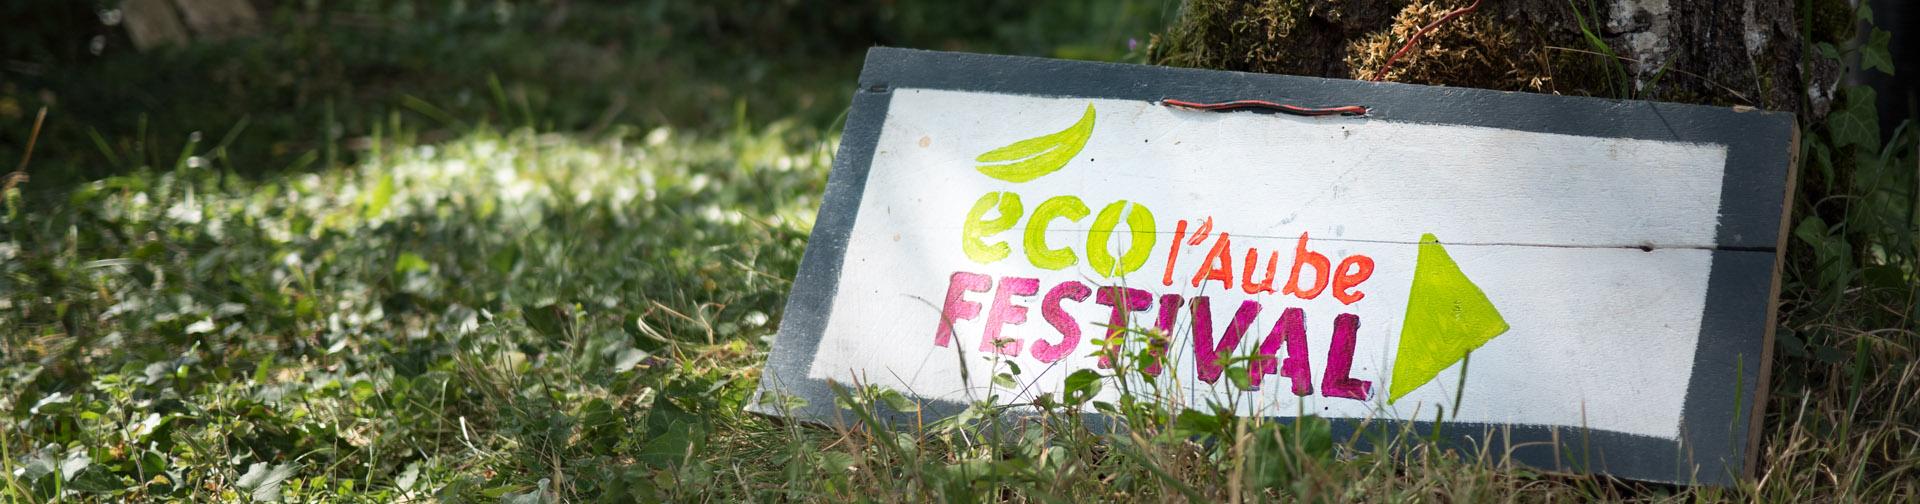 Ecol'Aube Festival, association dans l'Aube, près de Troyes, pour promouvoir écologie